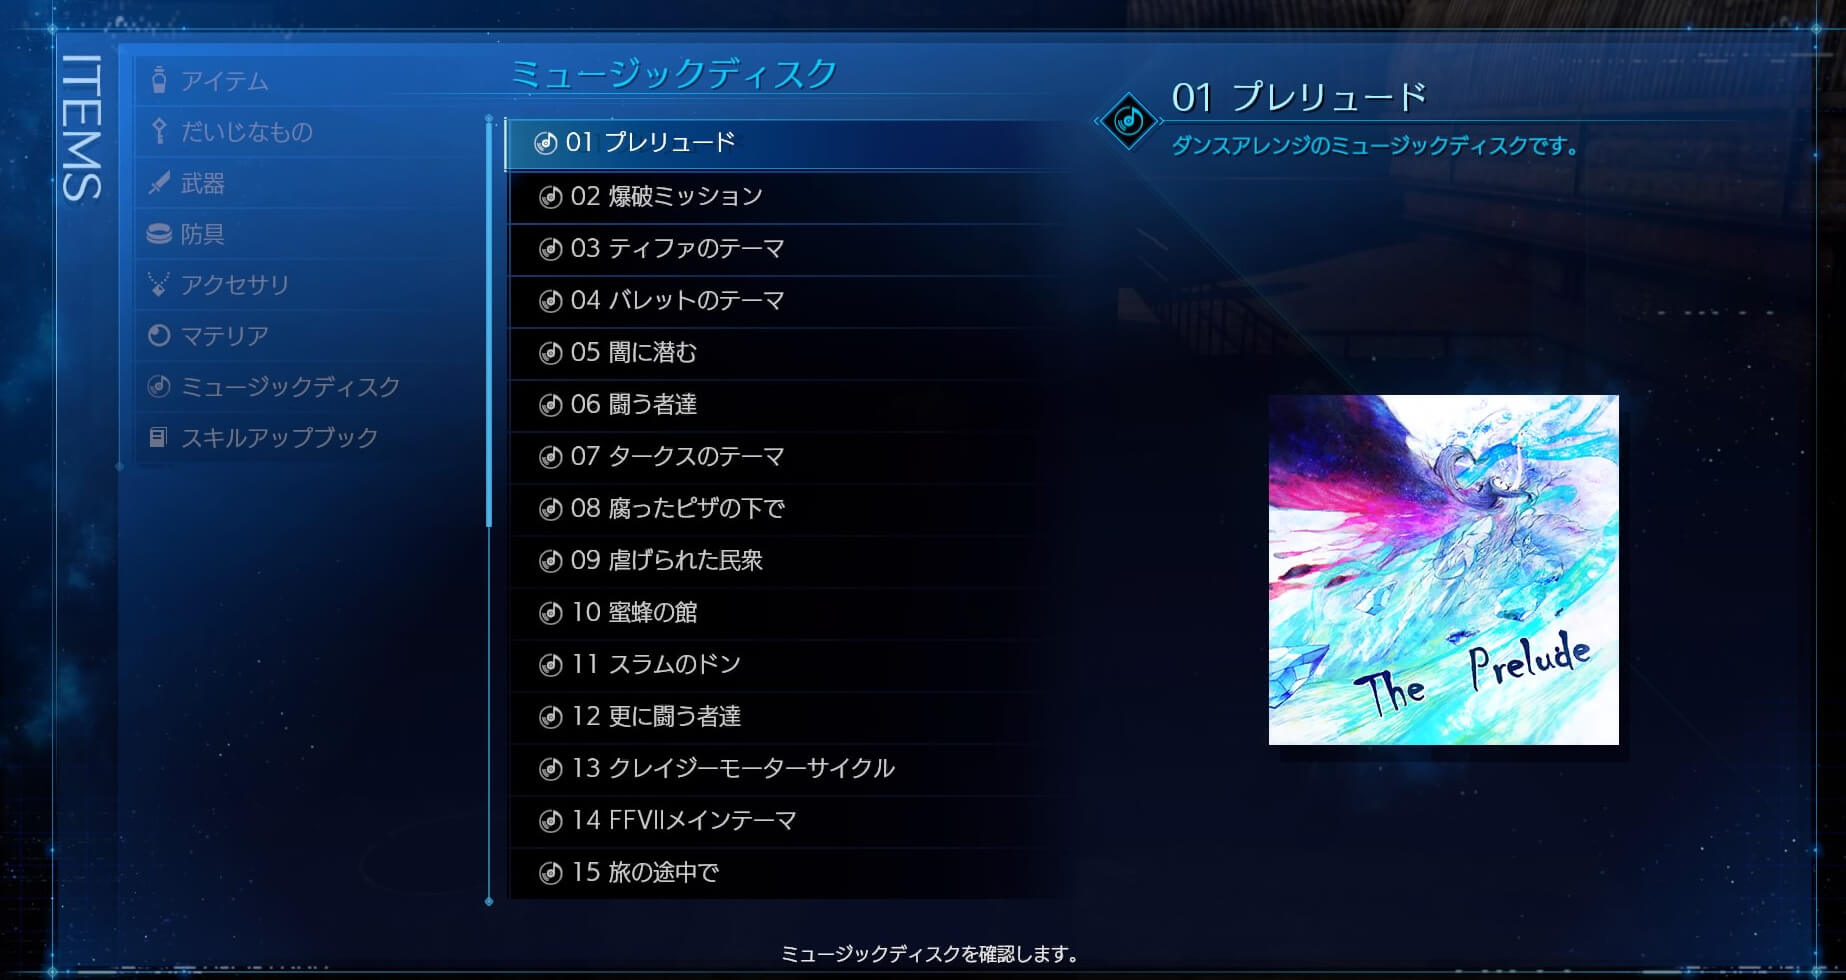 FF7リメイク『ミュージックディスク』の入手場所一覧